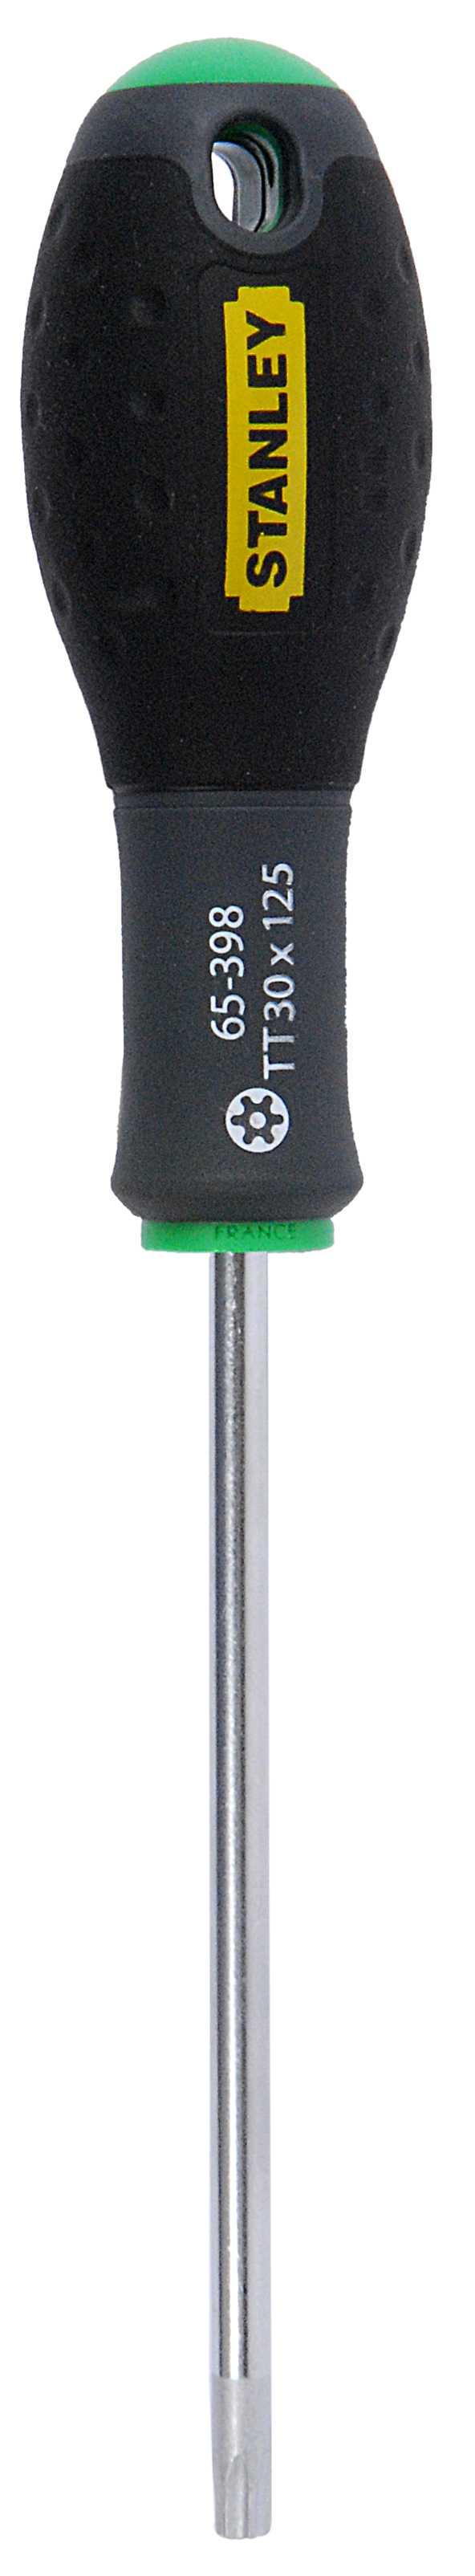 FatMax Schroevendraaier Torx TT30 X 125mm